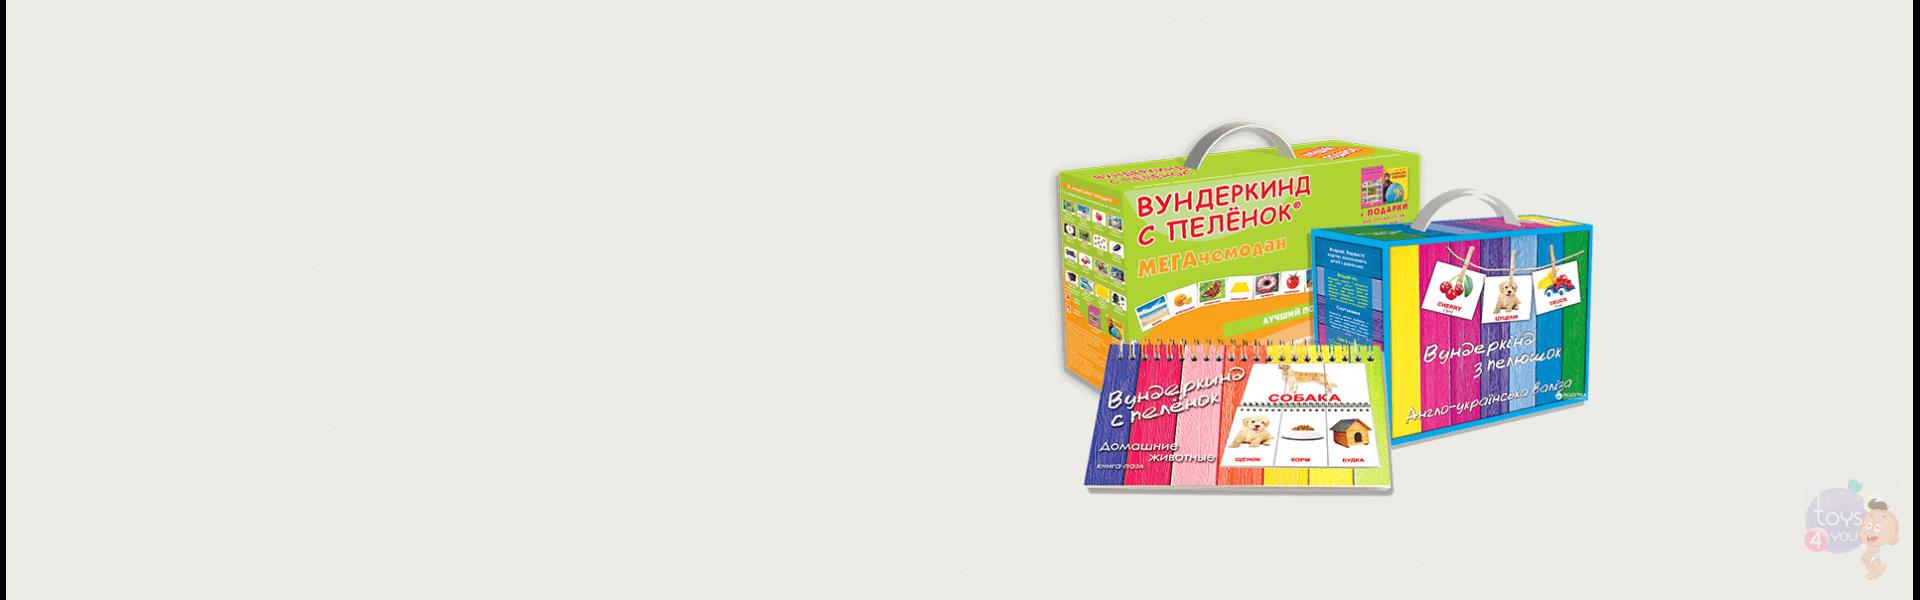 Вундеркинд с пеленок – развитие по методу Глена Домана|Шикарные игровые наборы. Рекомендованы даже для новорожденных. Пятиминутных ежедневных занятий достаточно для развития детского мозга, познания мира и формирования памяти.